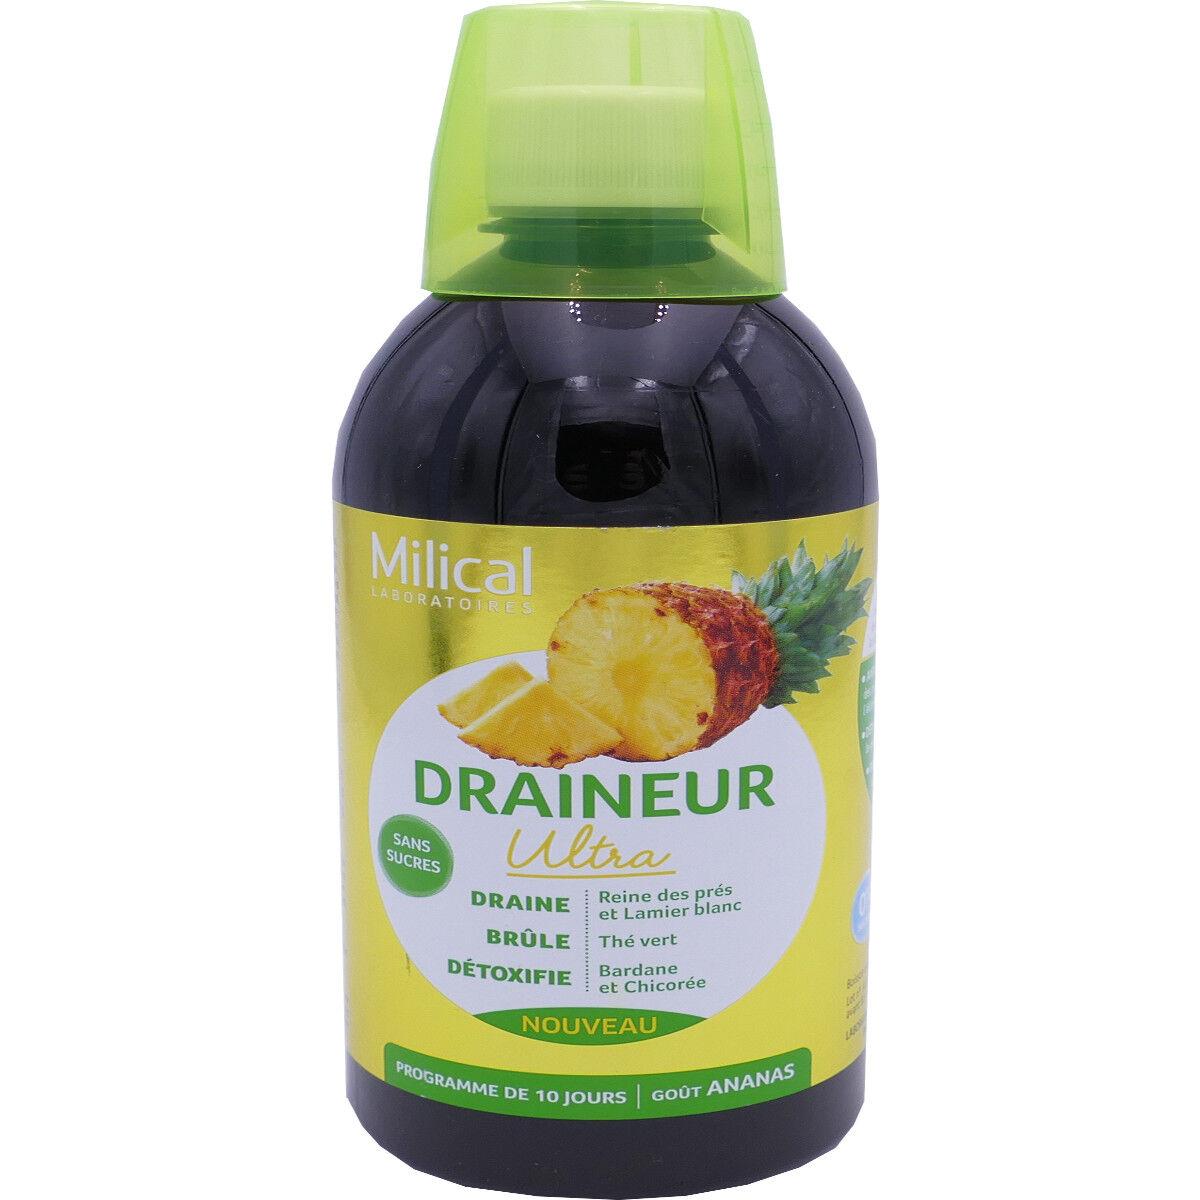 Milical draineur ultra gout ananas 500 ml